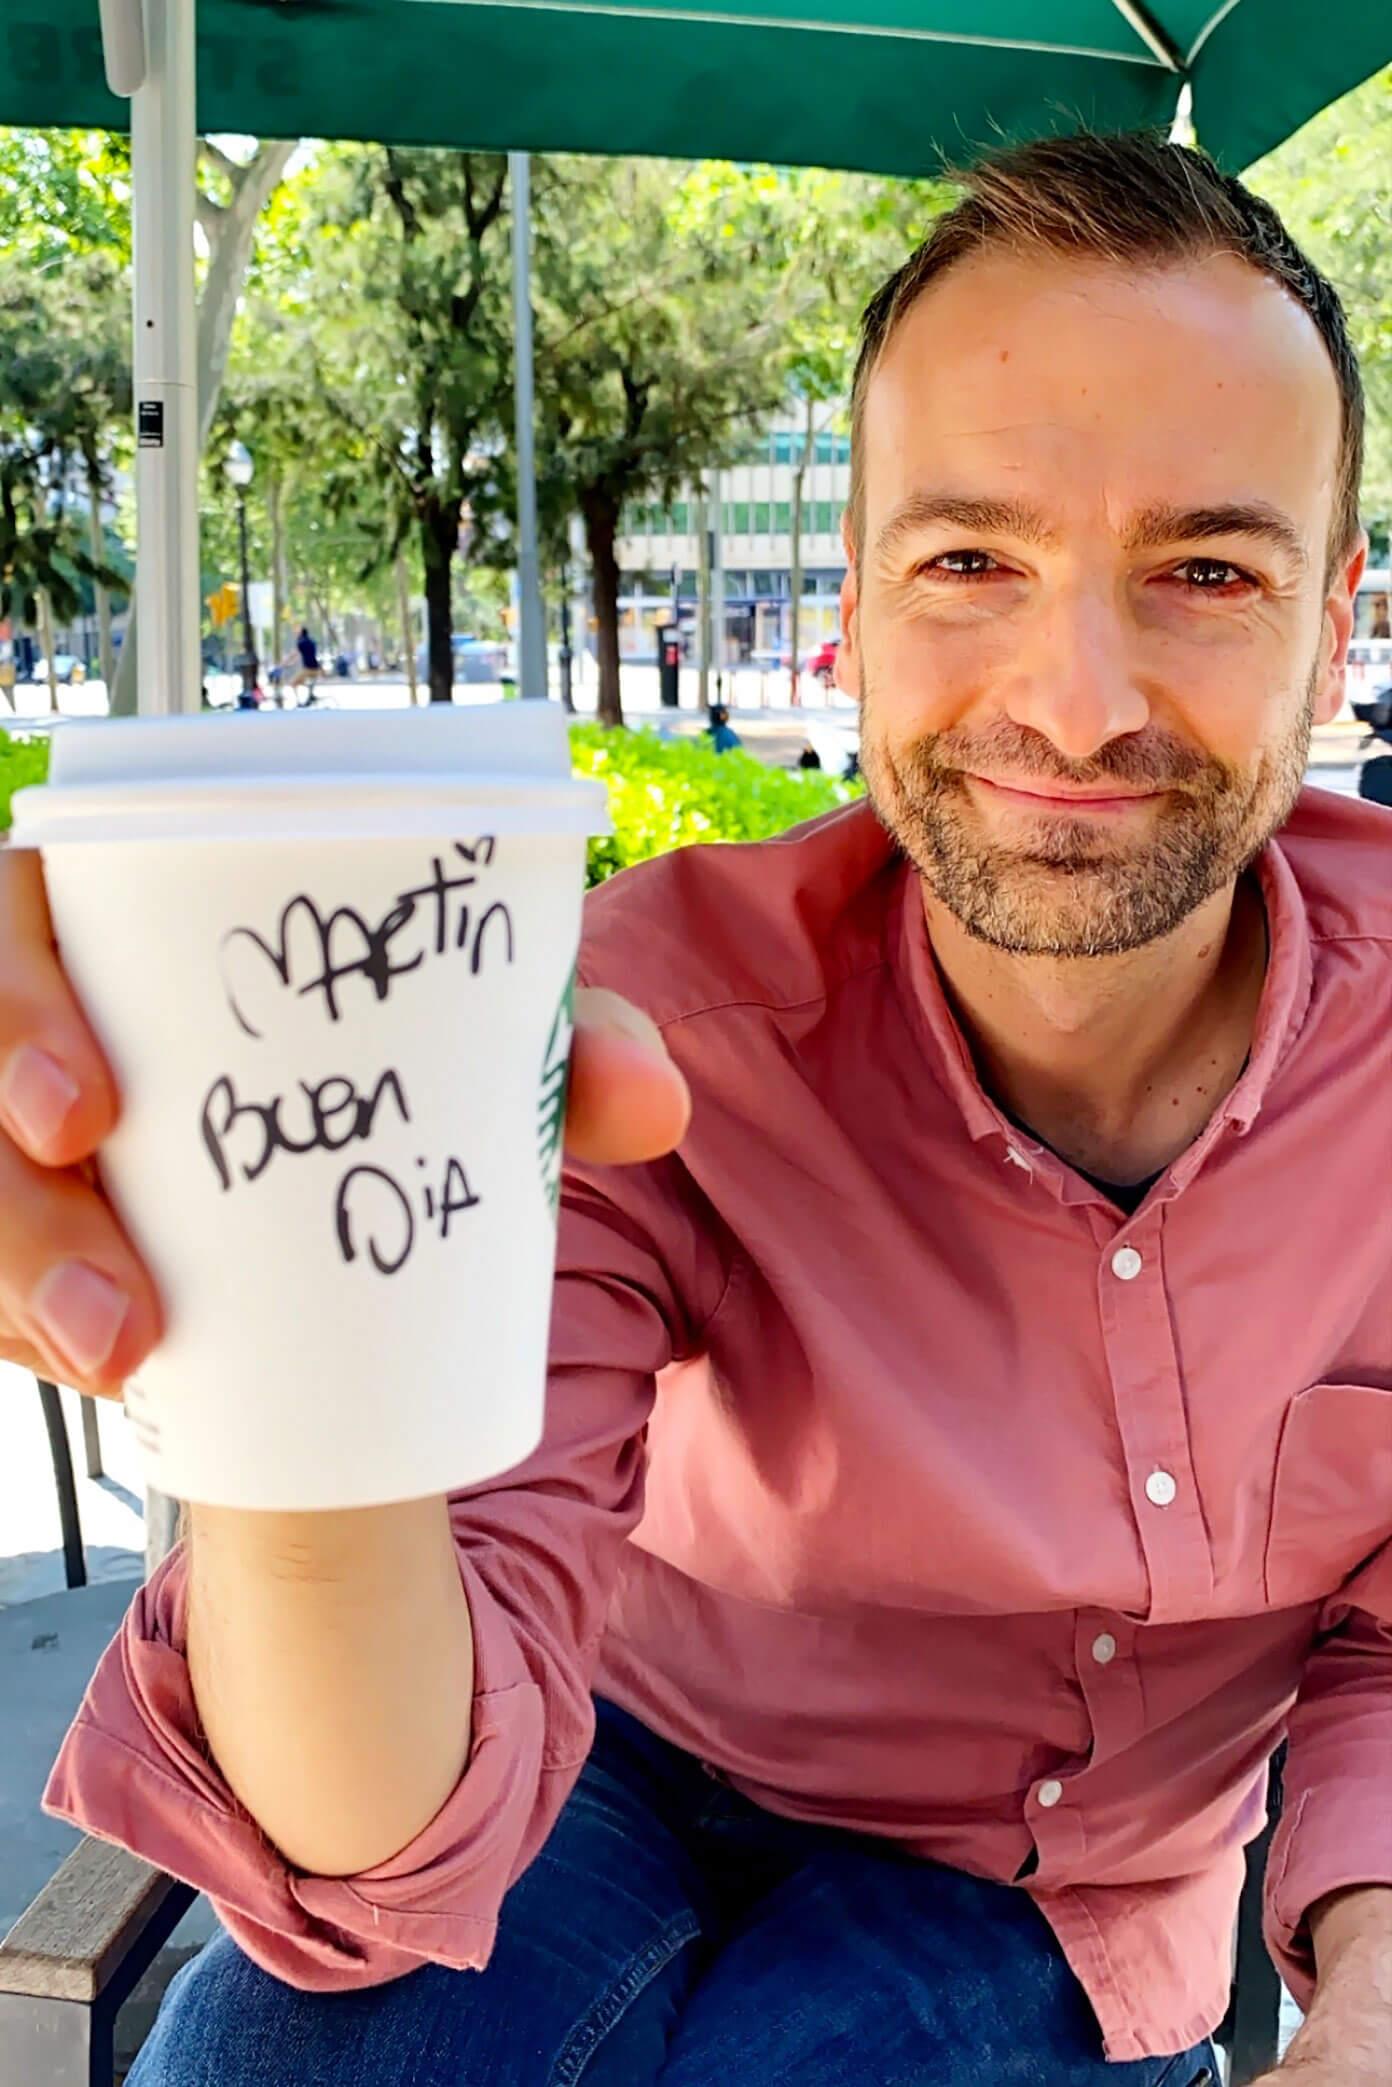 Dizer da caneca de Starbucks